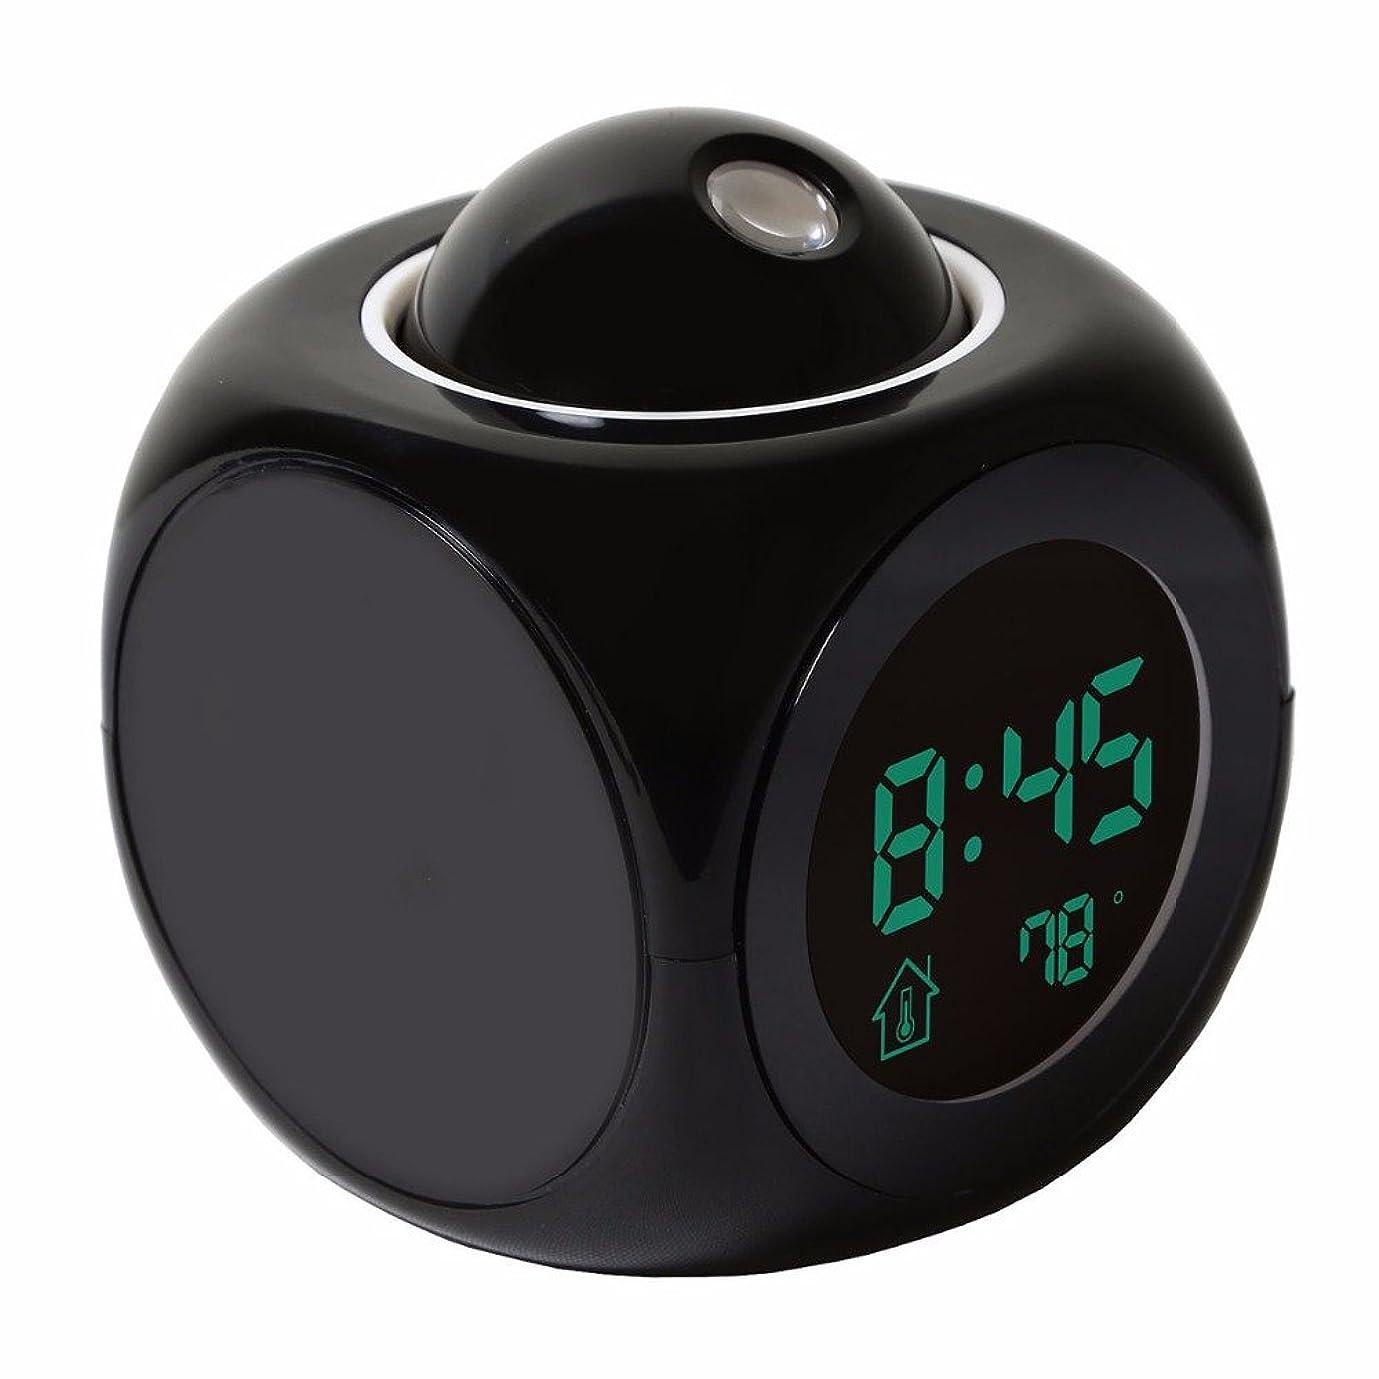 成果押し下げる尊厳C-清投影目覚まし時計音声デジタルLCDスクリーン電子体温計は、時間の壁天井プロジェクター、スヌーズ機能、リビングルームとベッドルームのためのかわいいデザインLEDディスプレイ,黒